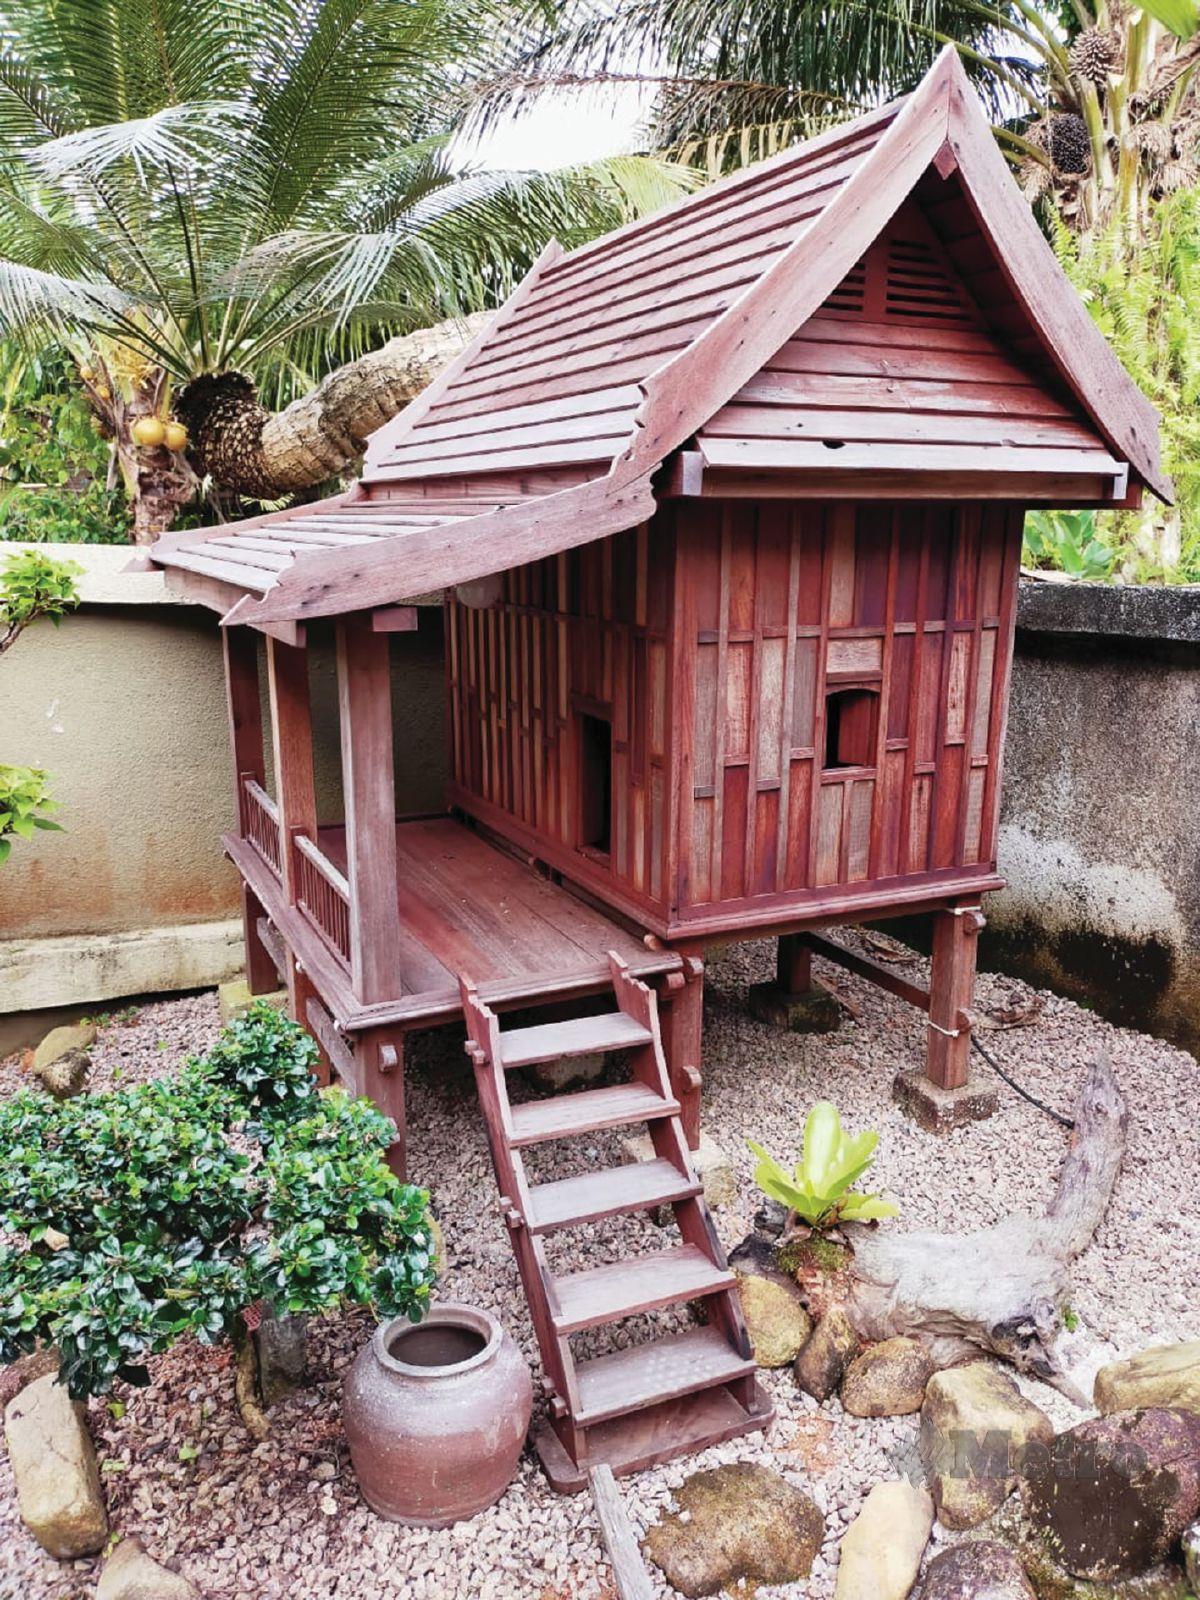 REPLIKA rumah tradisional Terengganu.